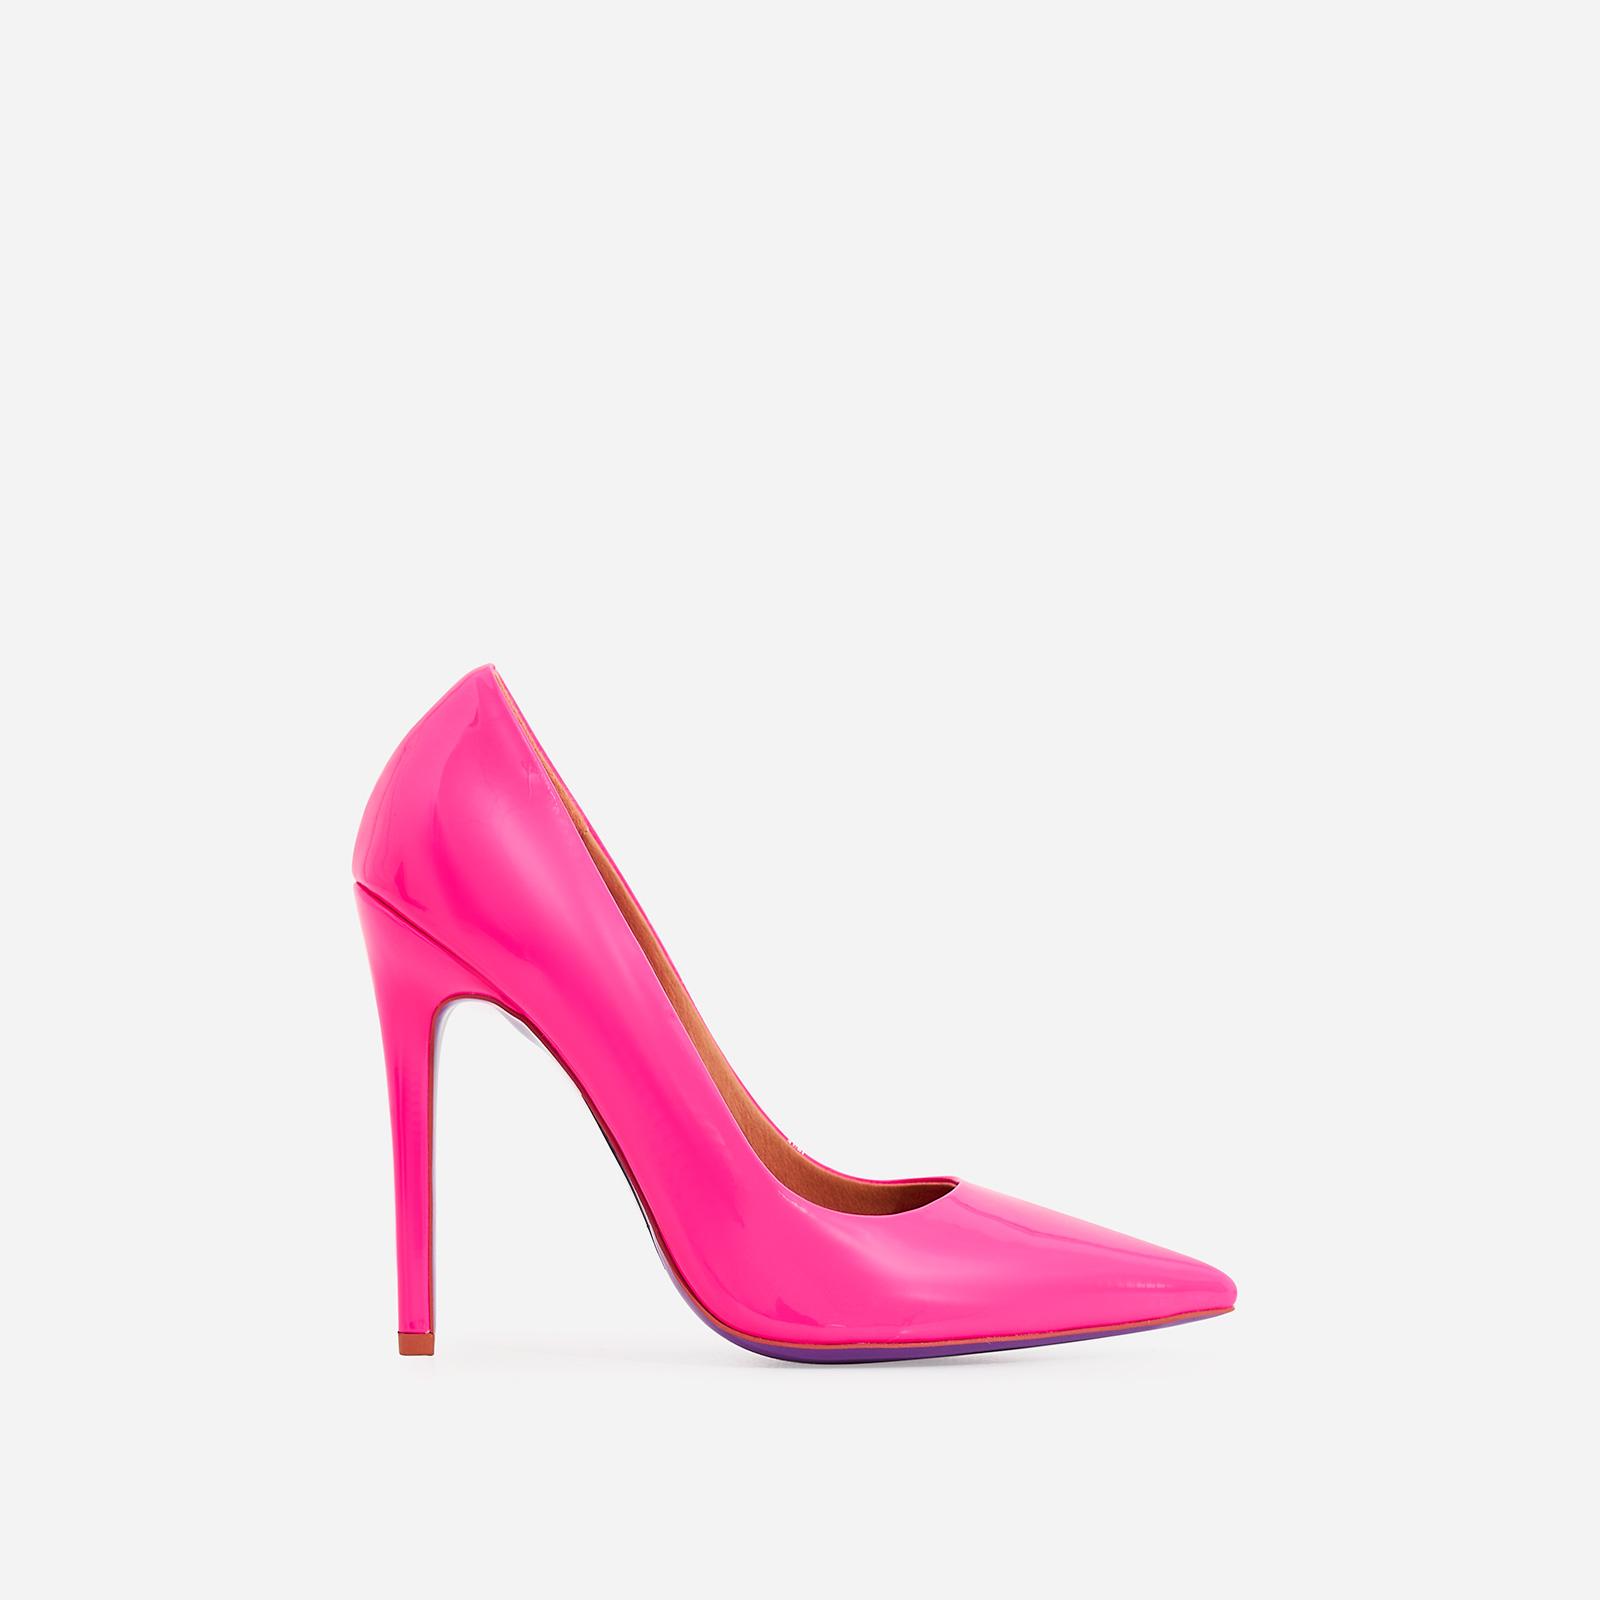 Bronte Court Heel In Neon Pink Patent